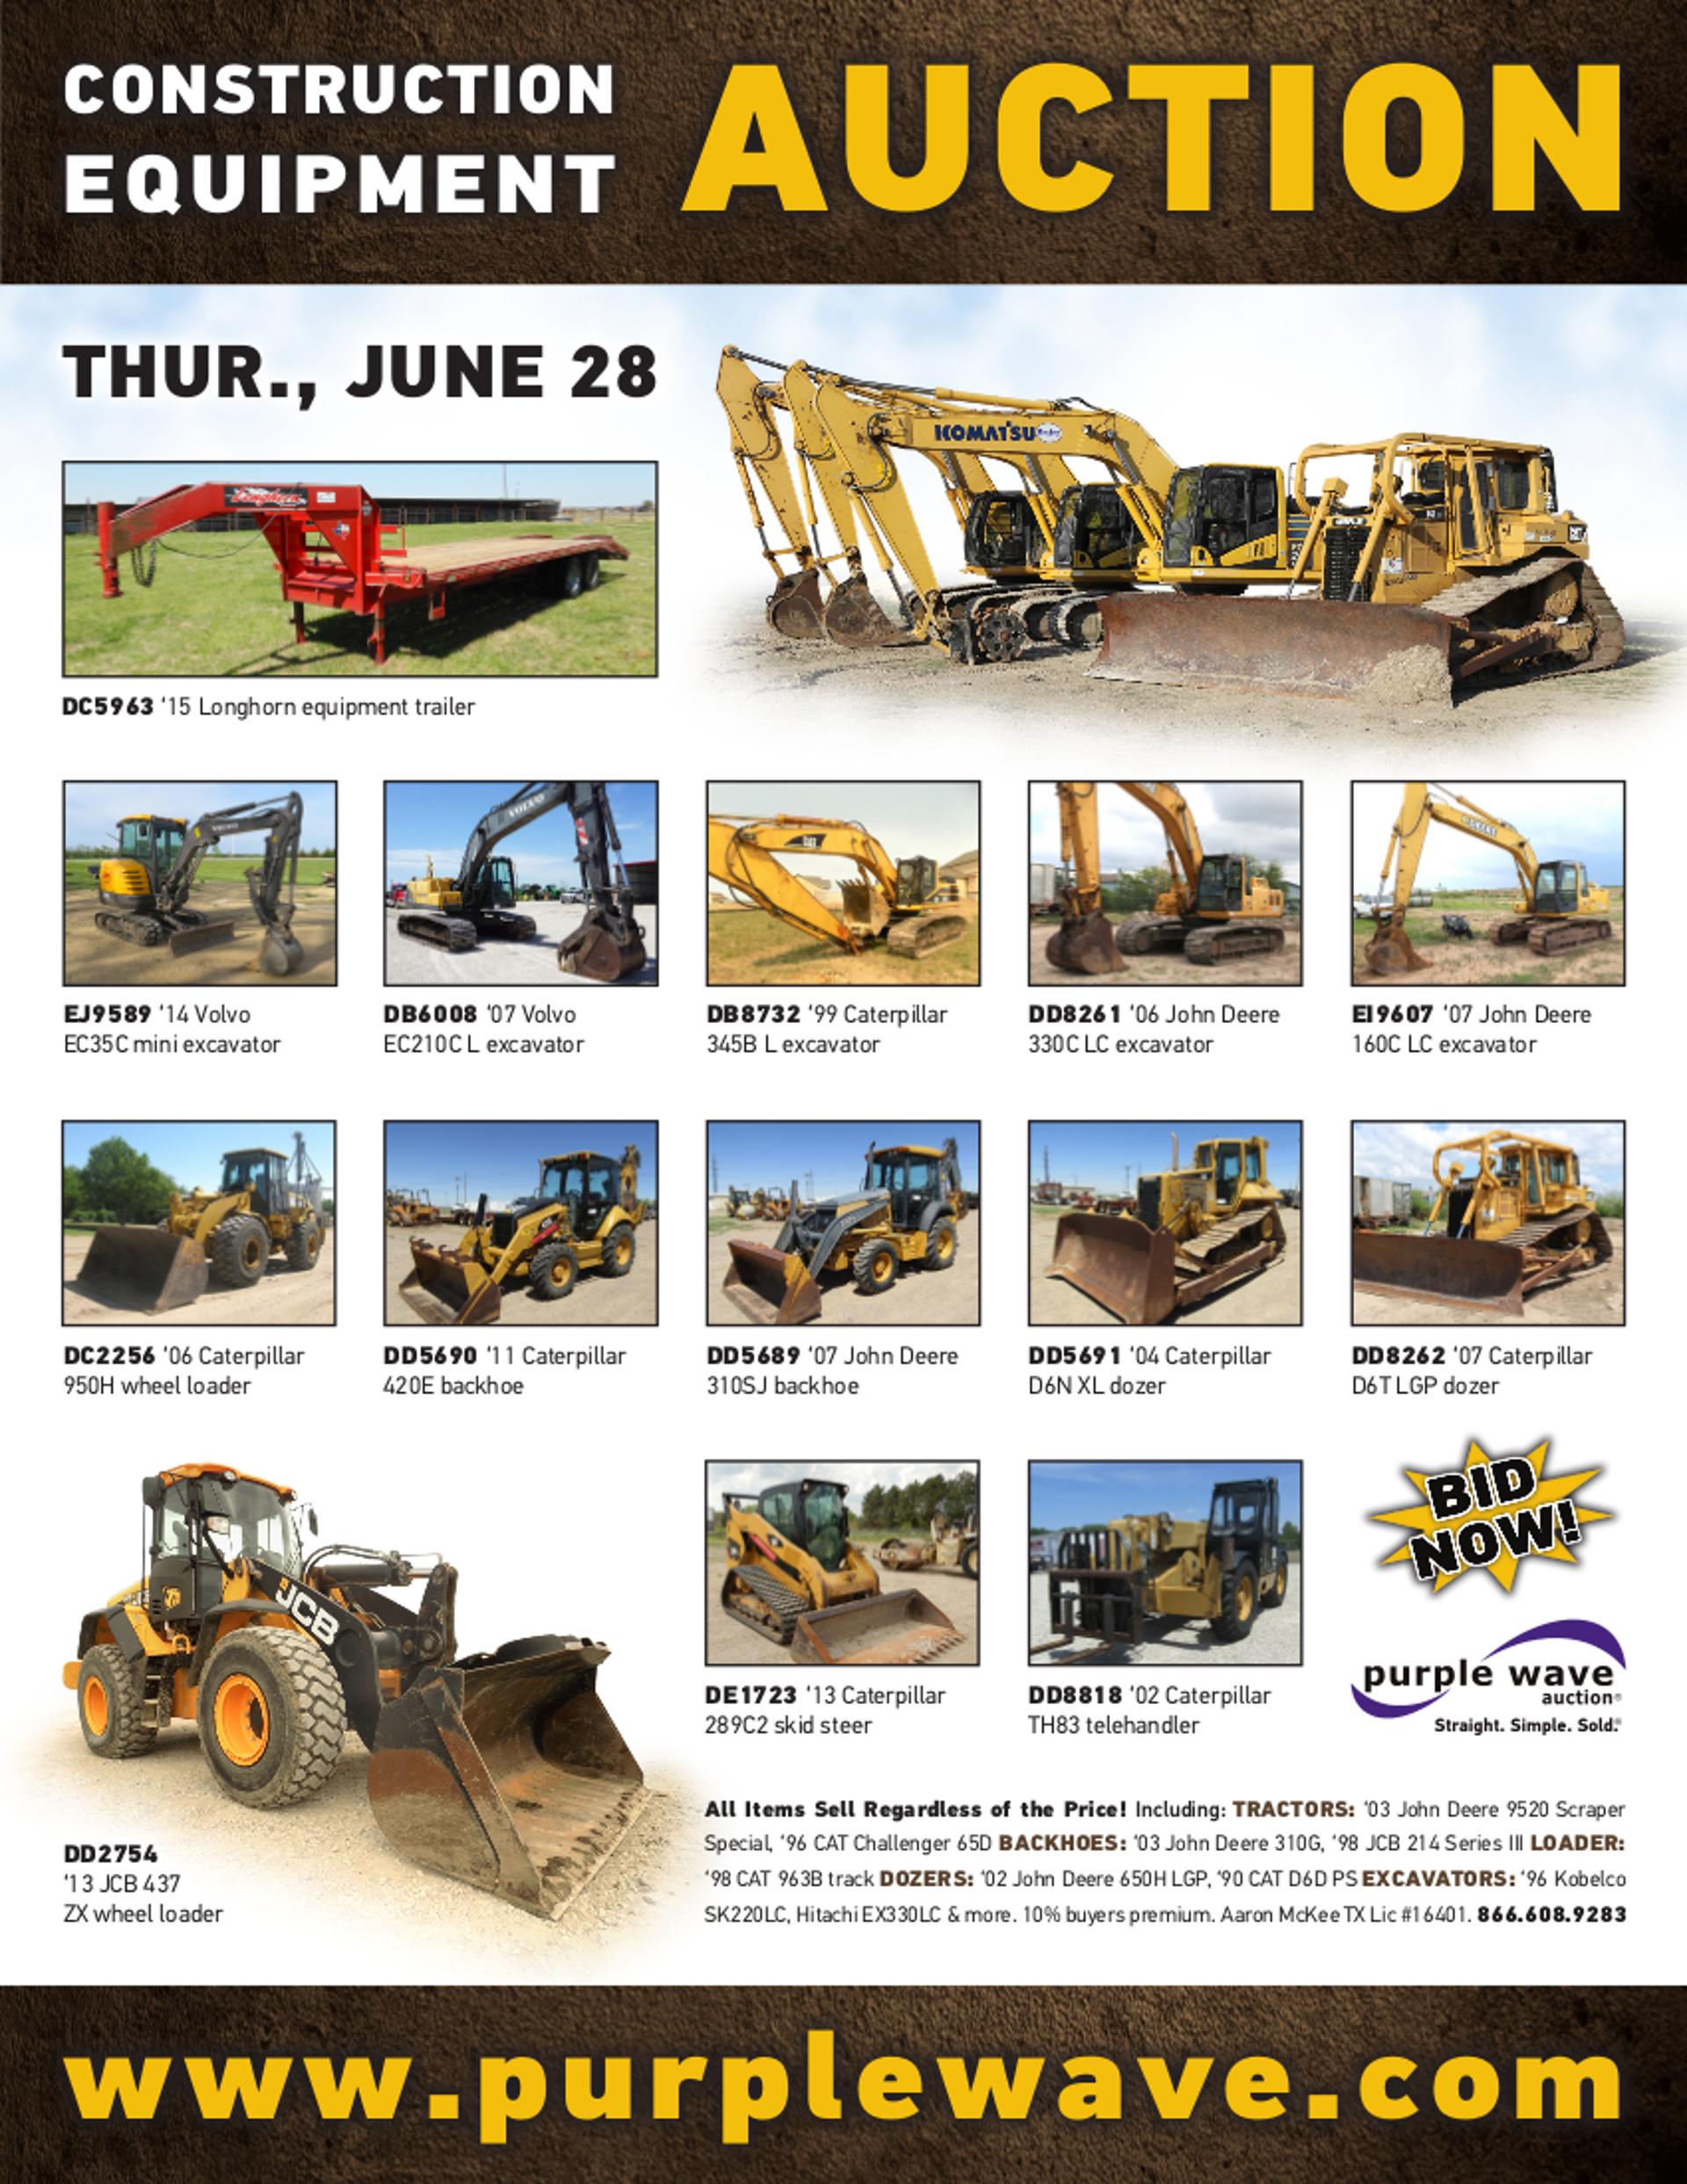 SOLD! June 28 Construction Equipment Auction | PurpleWave, Inc